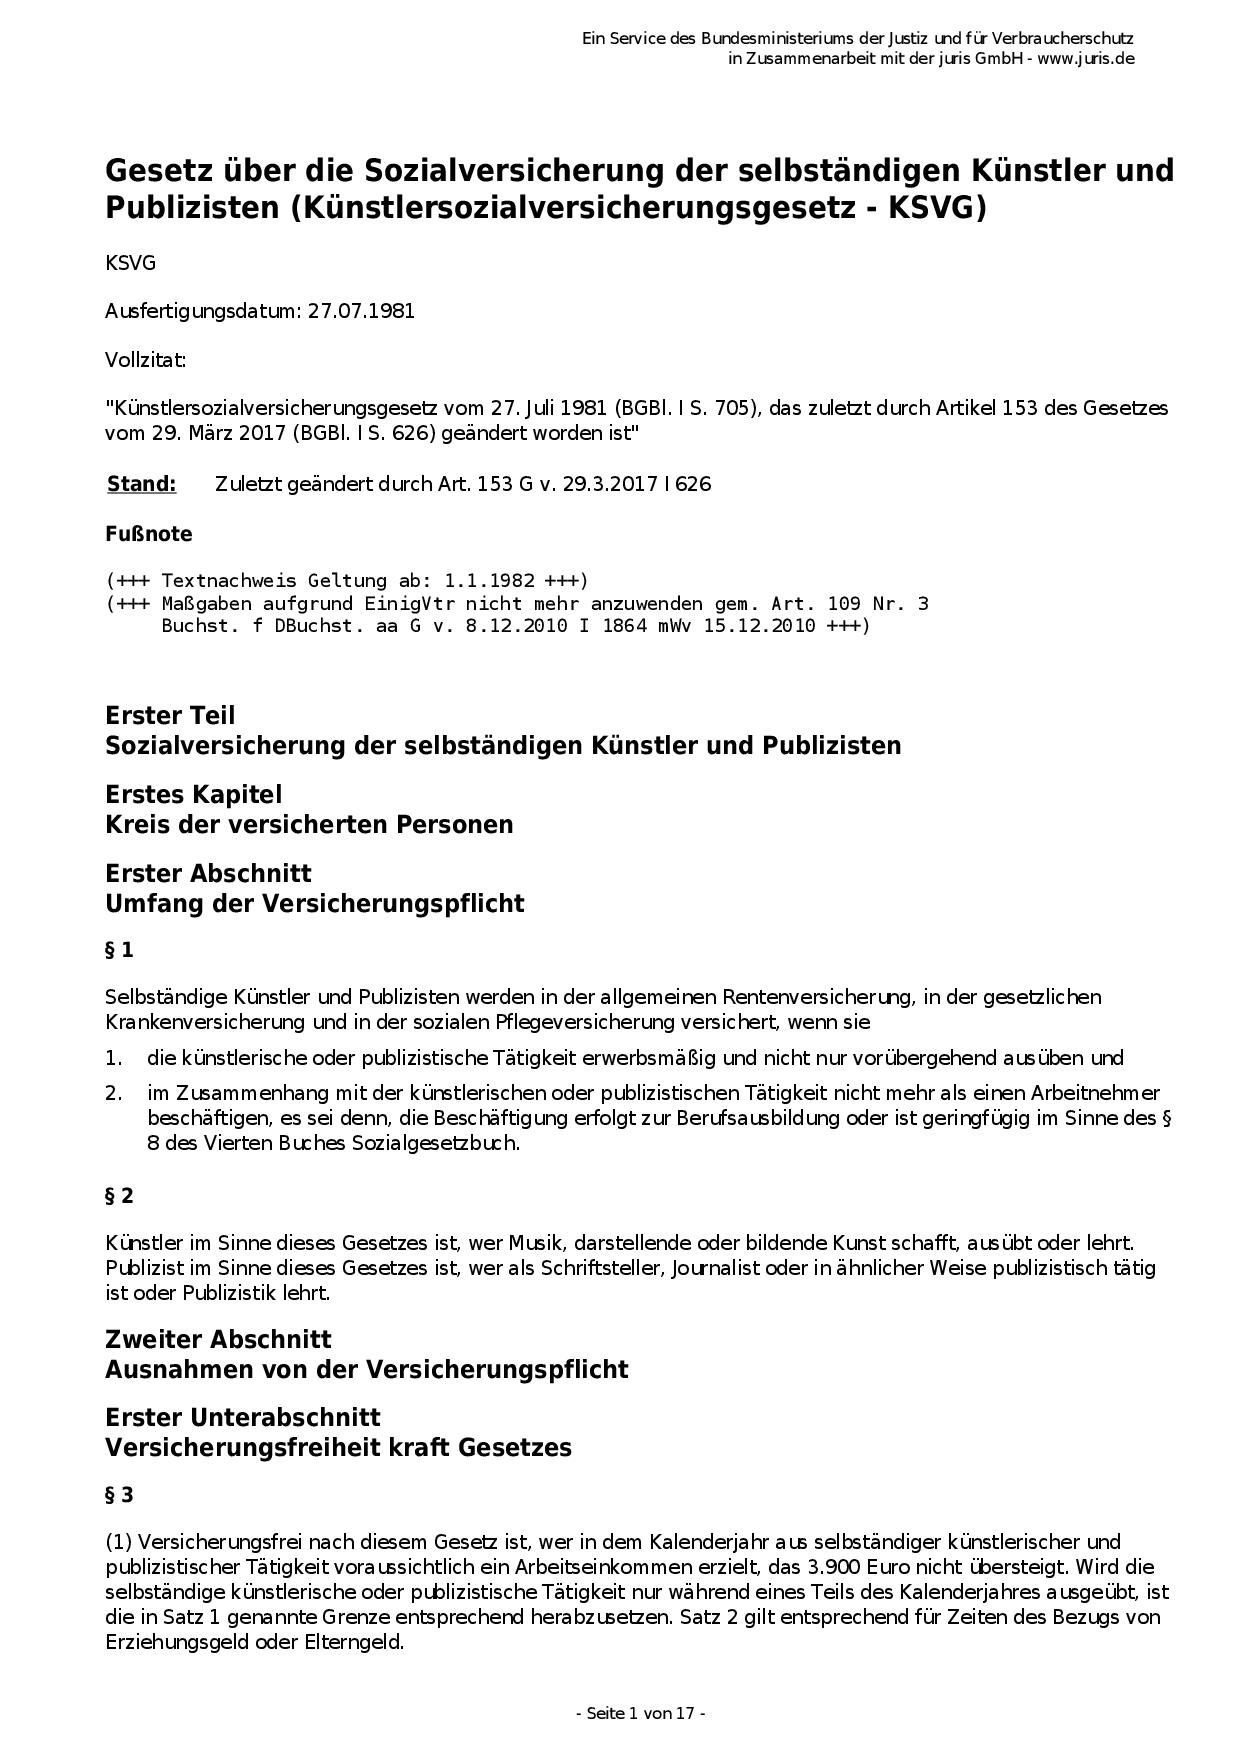 Gesetz über die Sozialversicherung der selbständigen Künstler und Publizisten (Künstlersozialversicherungsgesetz - KSVG)